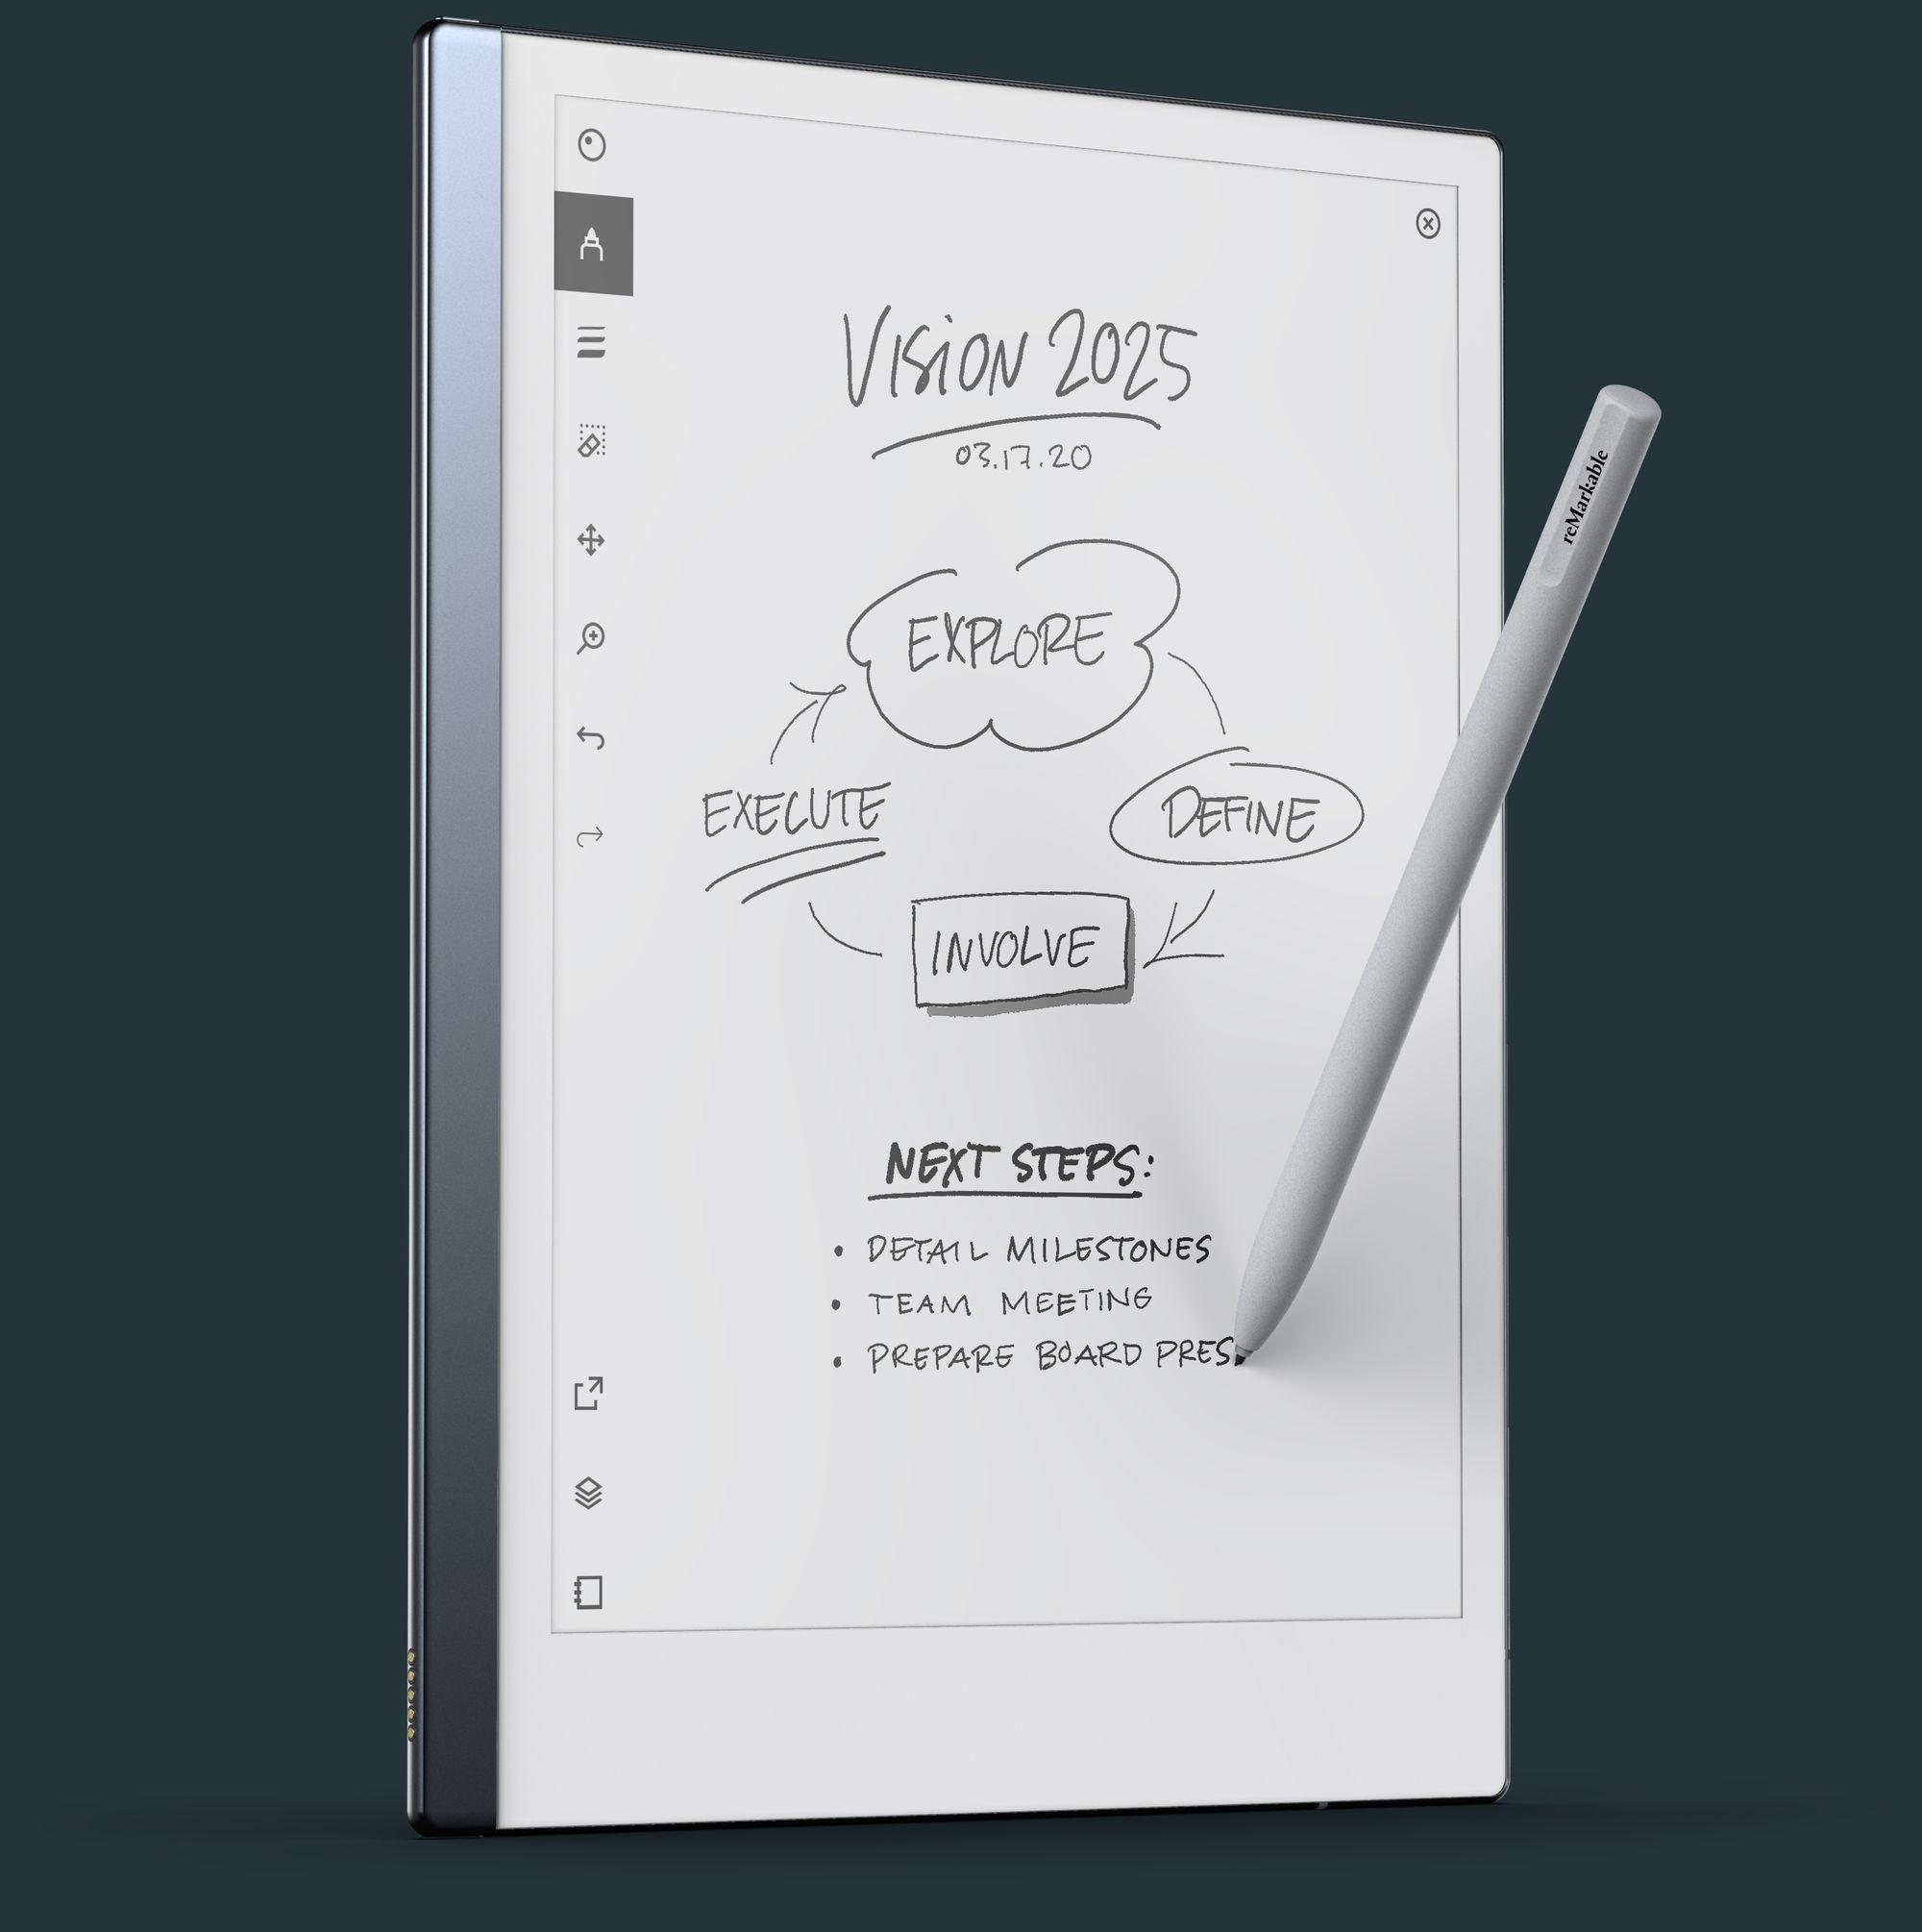 remarkable 2 tablet